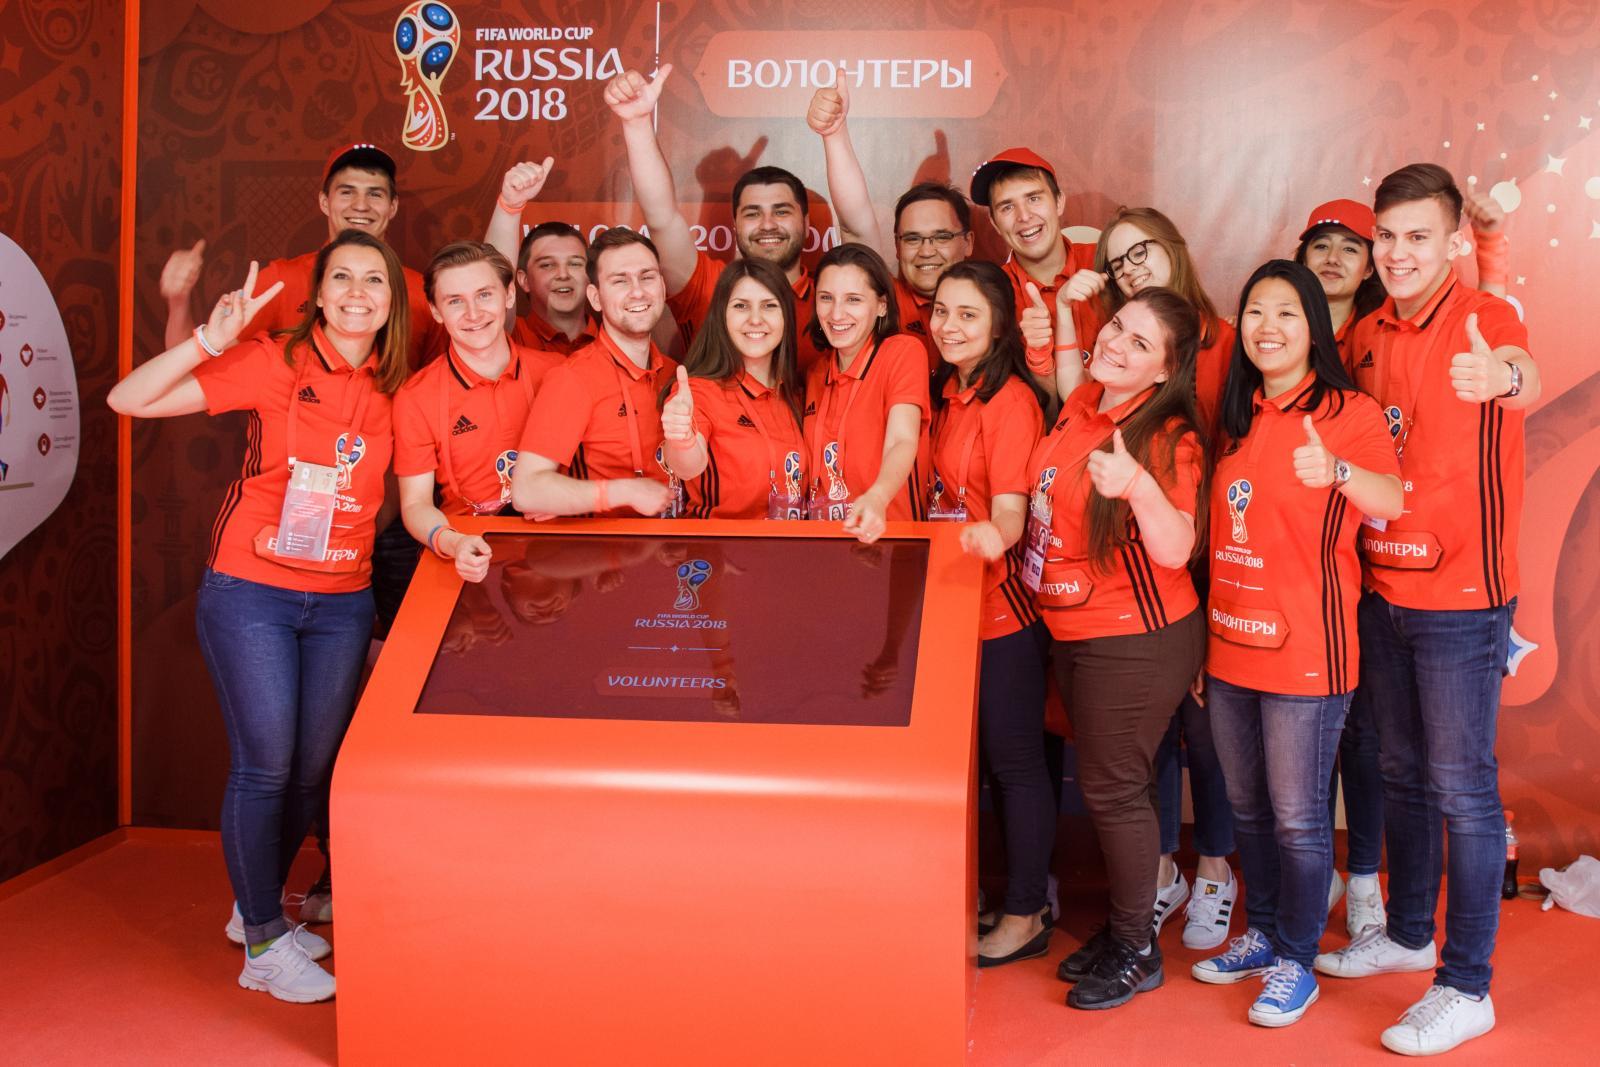 Чемпионат мира по футболу FIFA 2018 в России - Волонтерская. - m